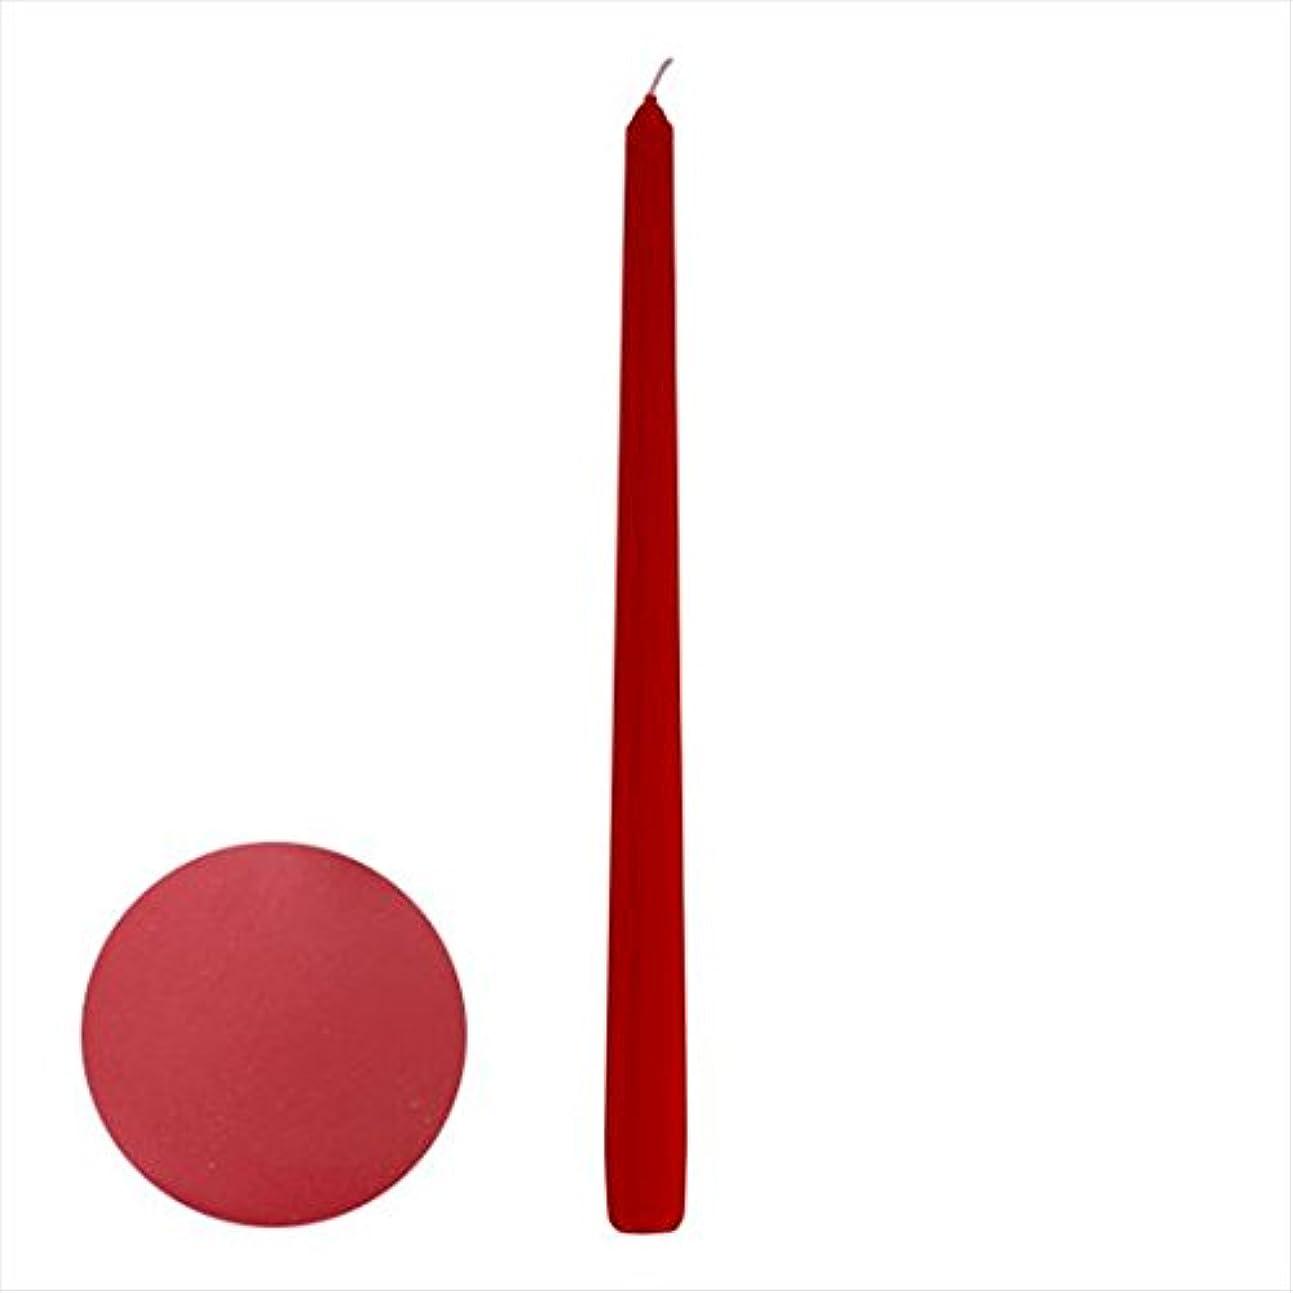 スタッフ切り刻むアラームカメヤマキャンドル(kameyama candle) 12インチテーパー 「 ダークレッド 」 12本入り